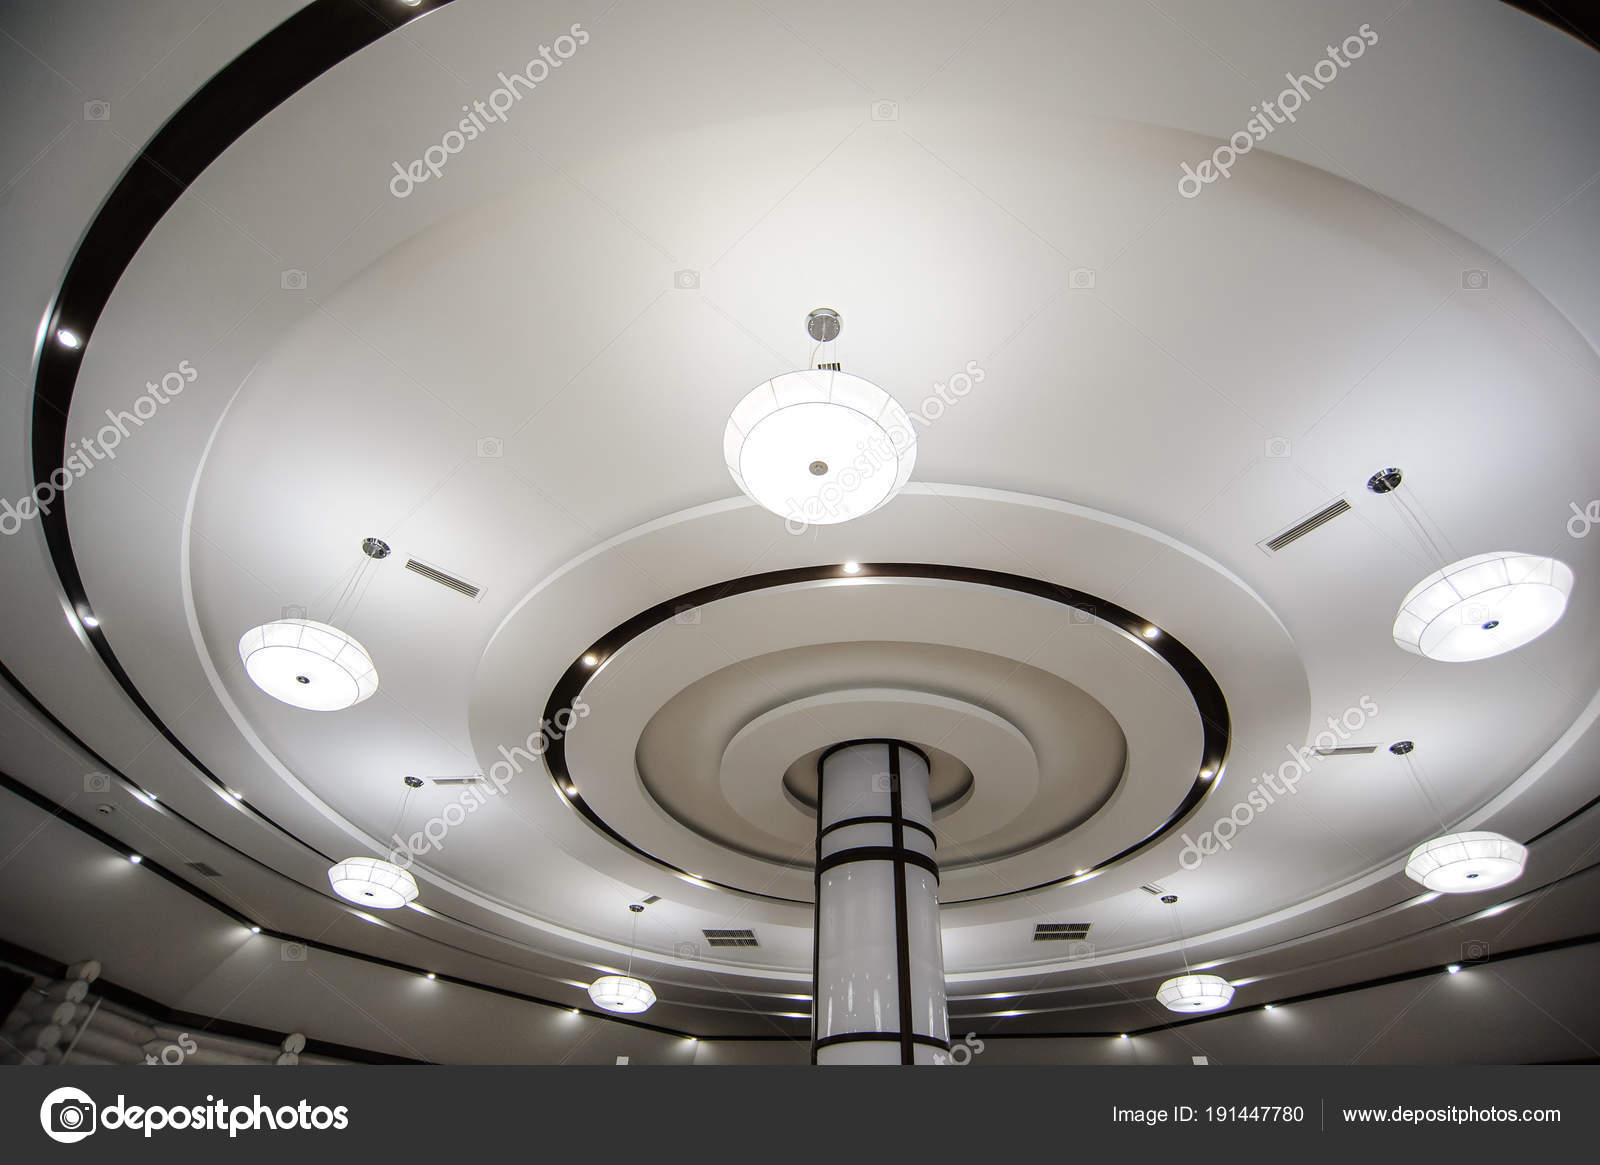 Plafoniere A Soffitto Moderne : A soffitto tondo con plafoniere moderne bianco u foto stock